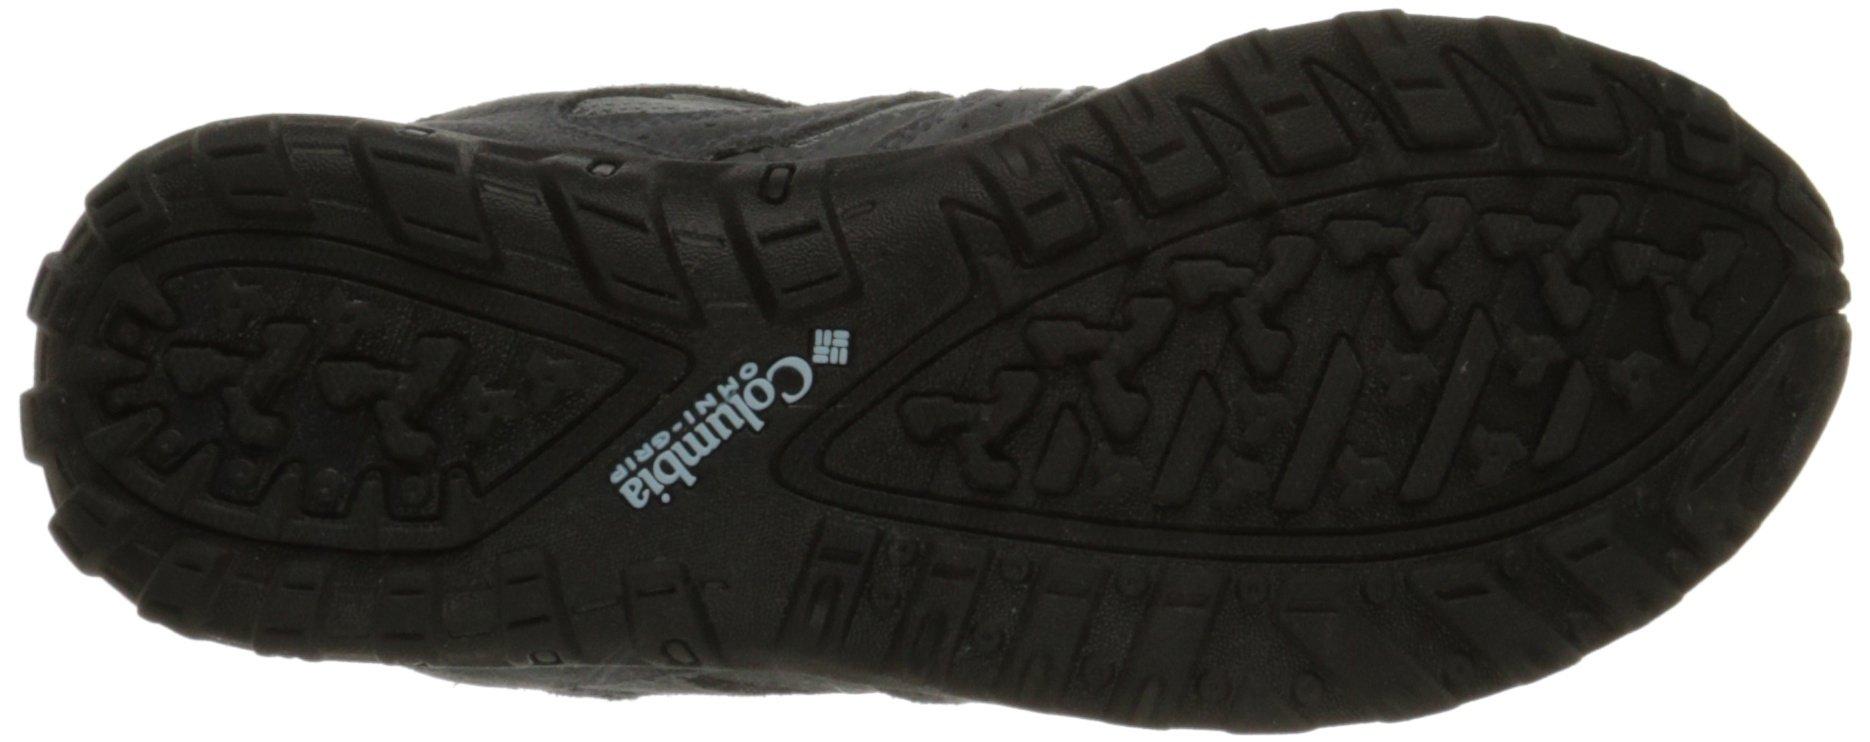 61BU7c2yl1L - Columbia Women's Redmond Mid Waterproof, Multisport Outdoor Shoes